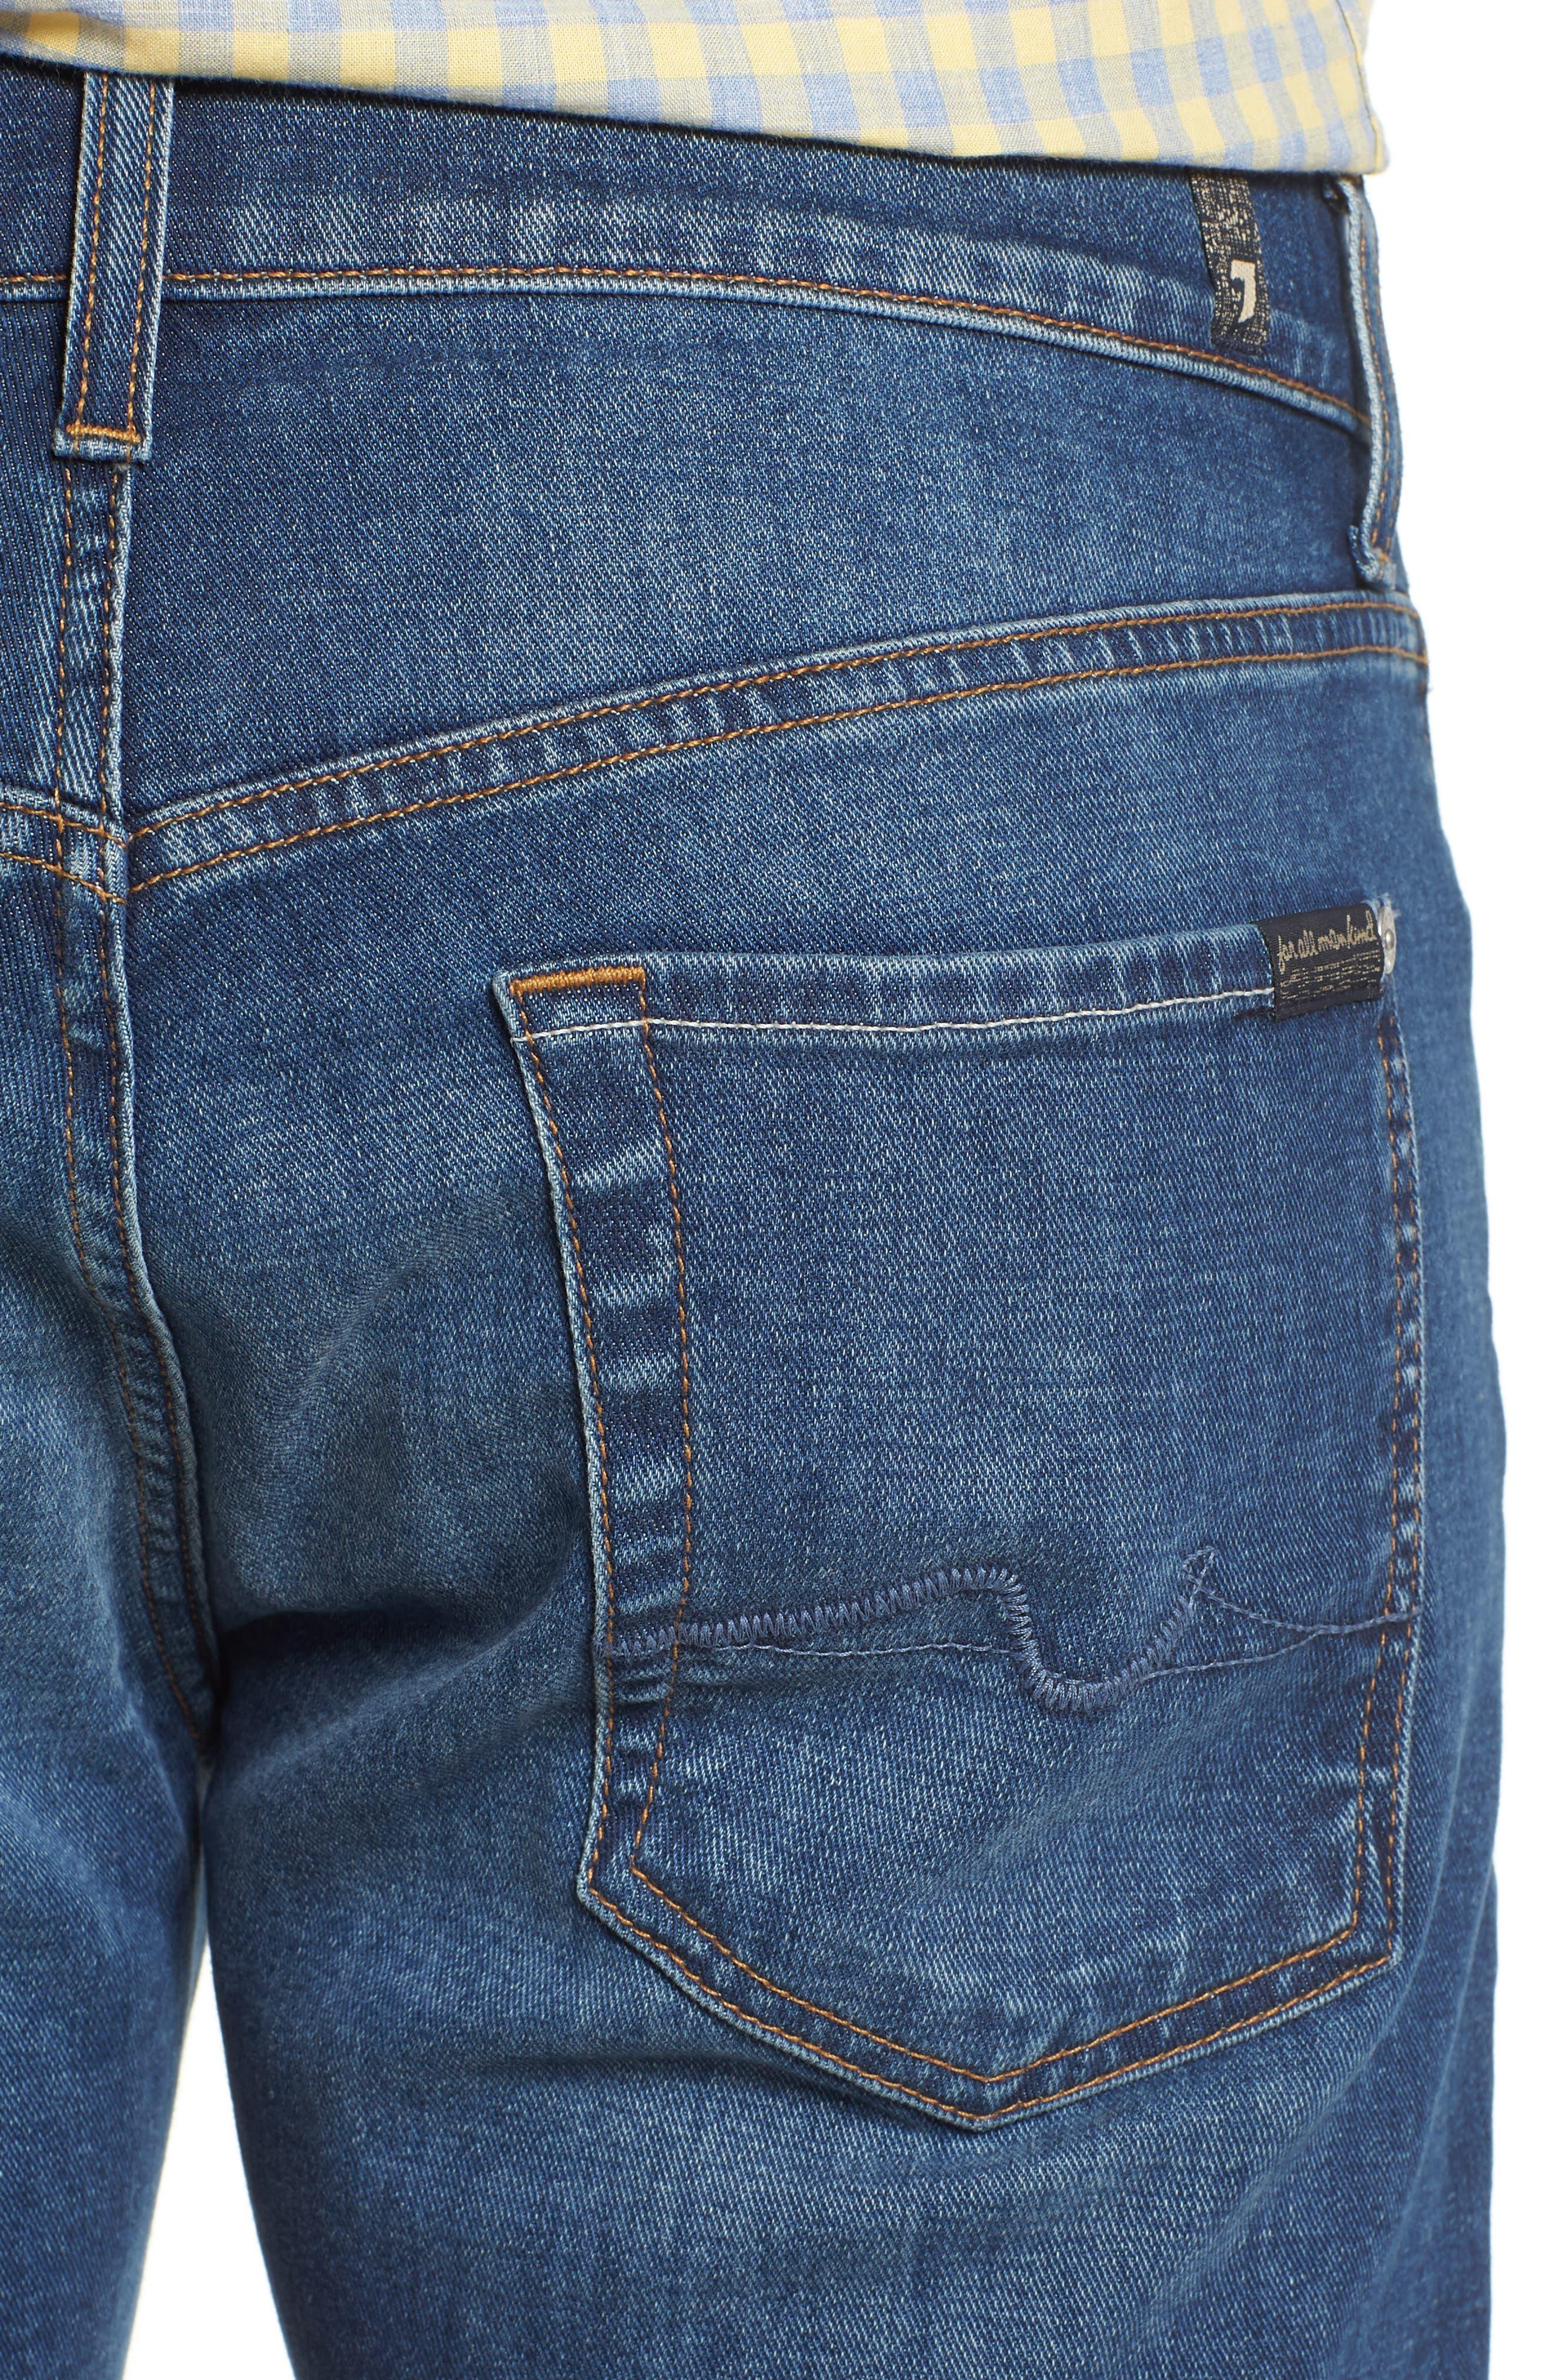 Standard Straight Leg Jeans,                             Alternate thumbnail 4, color,                             400